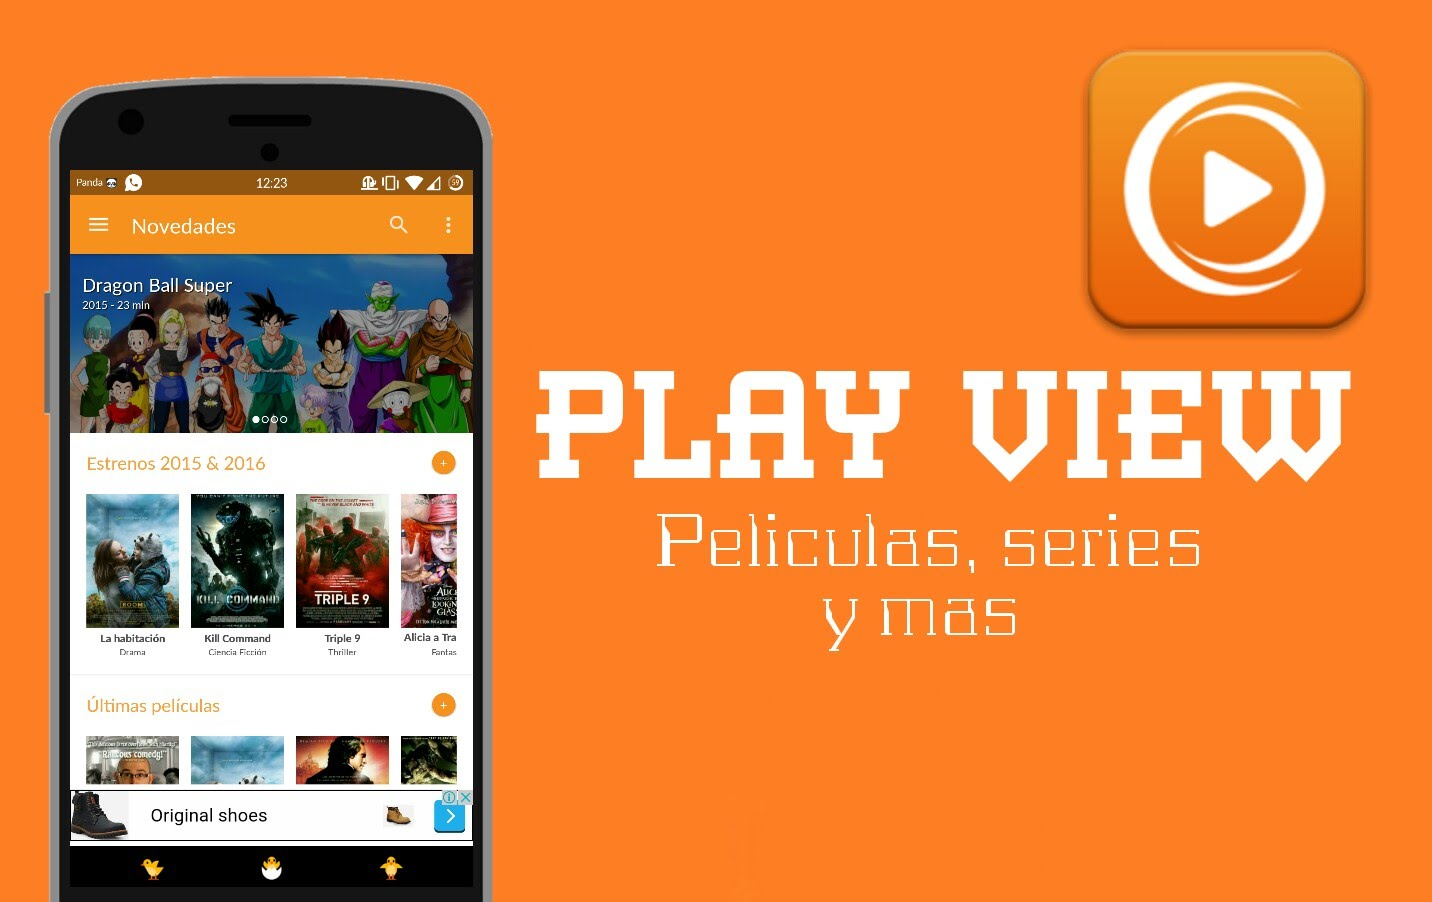 Ver películas y series gratis en Android